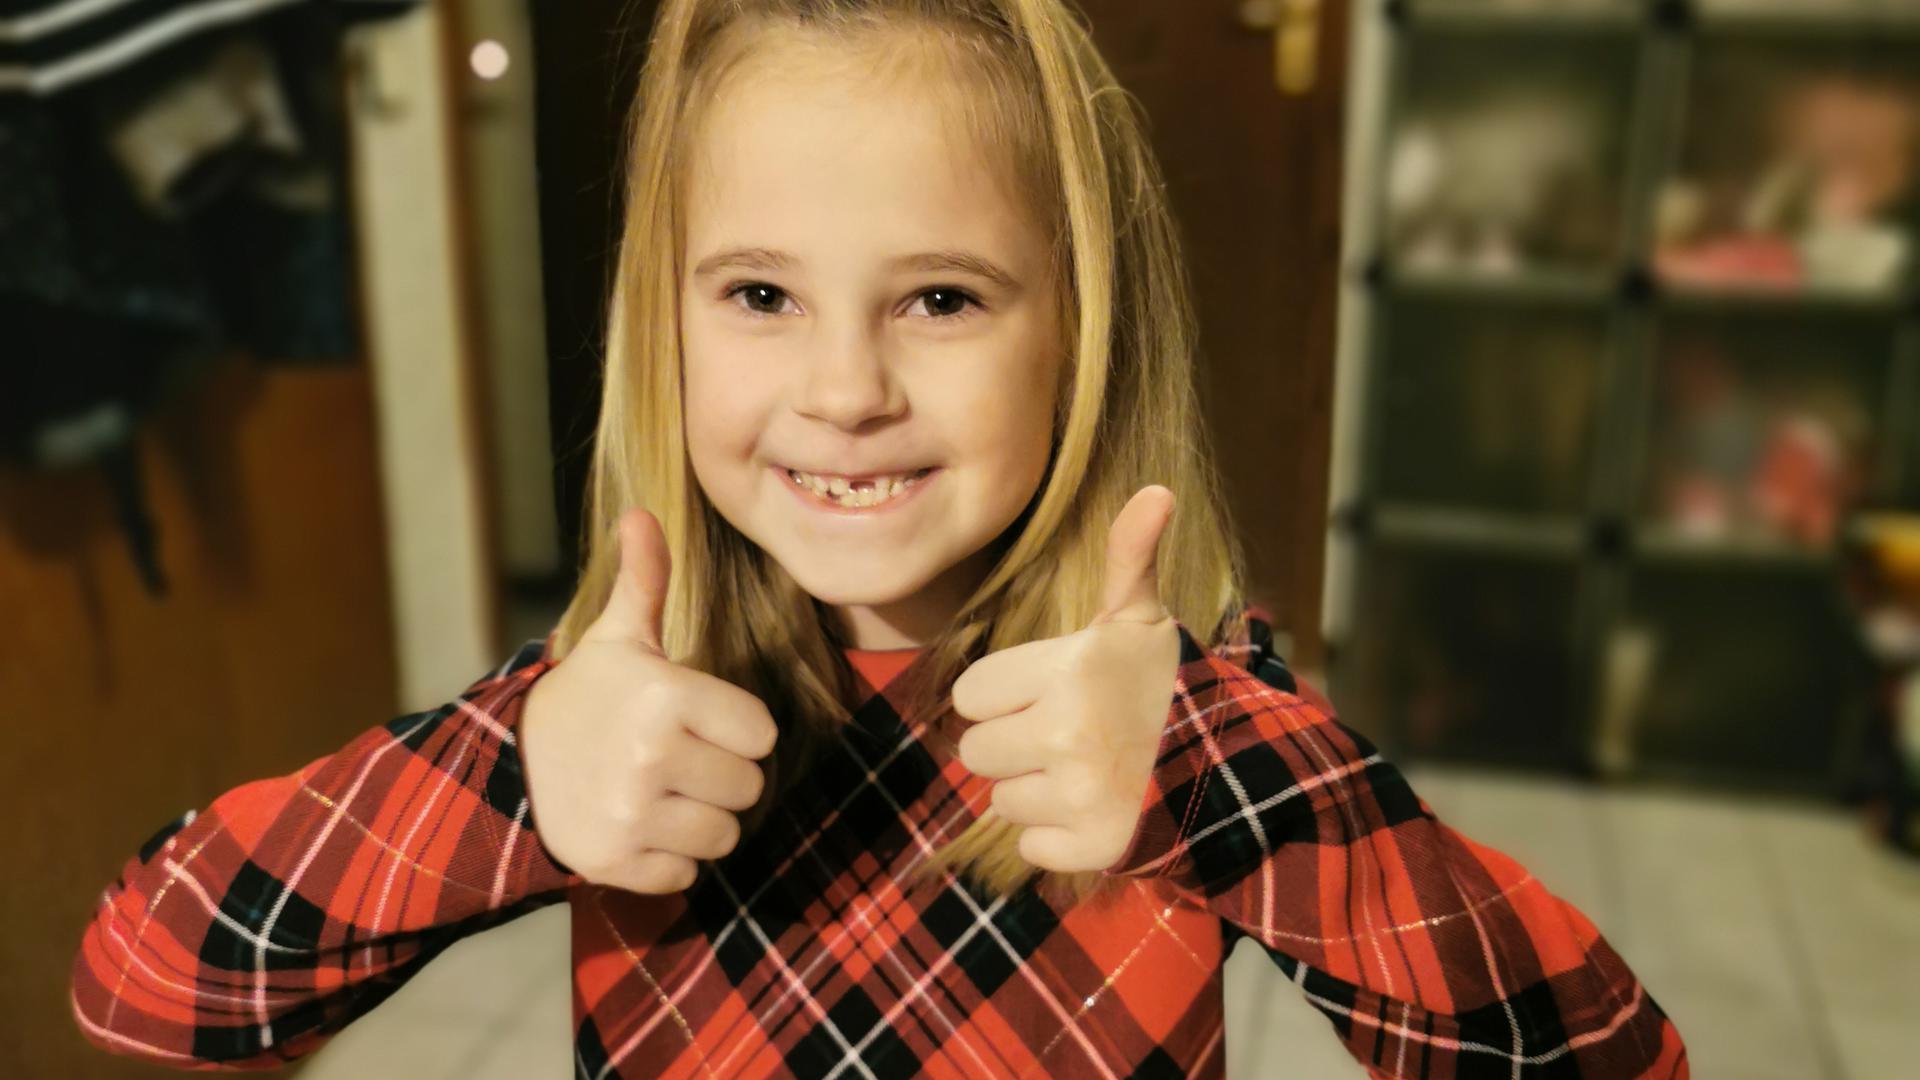 Die siebenjährige Chloe aus Östringen freut sich über viele Spenden an das Kinderhospiz Sterntaler